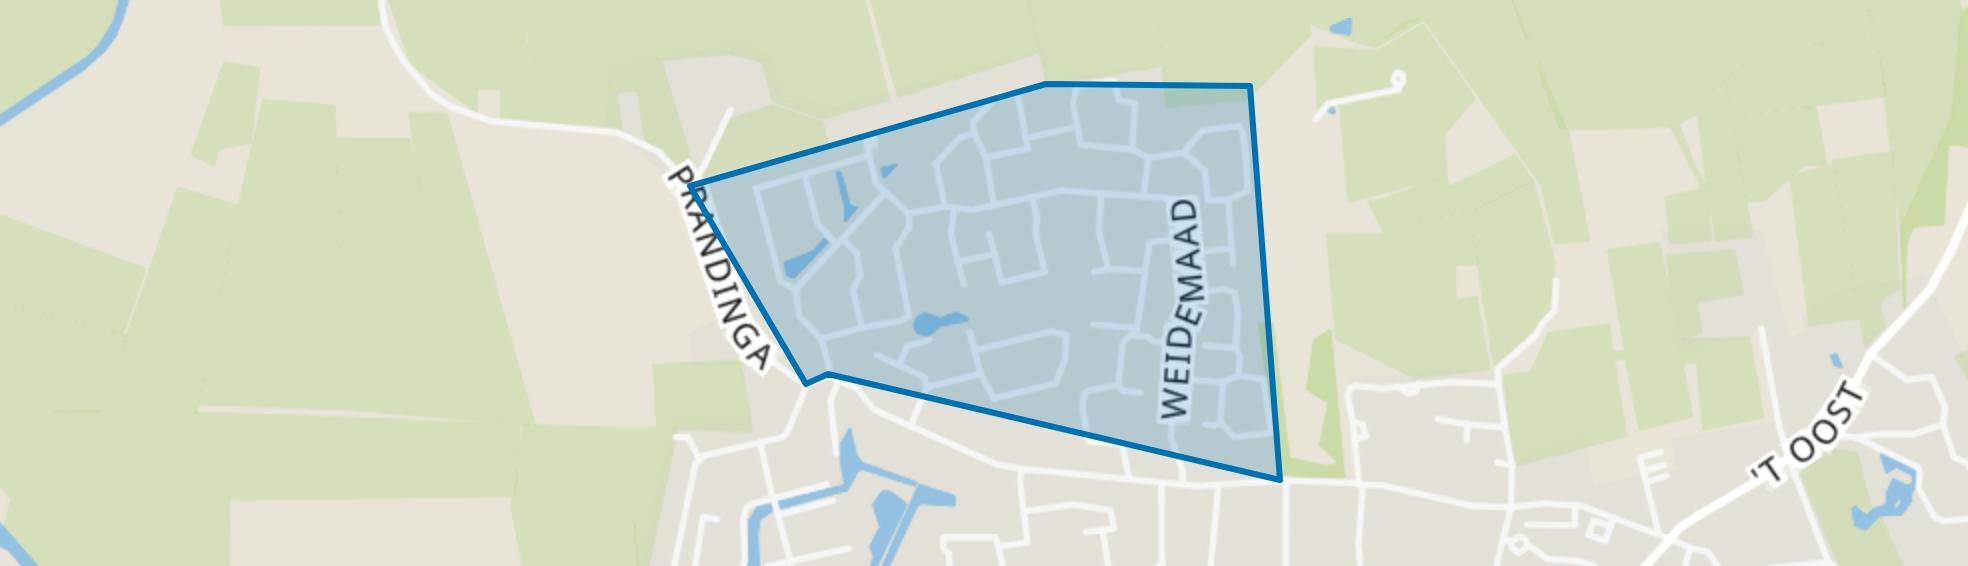 Oosterwolde-Maden, Oosterwolde (FR) map